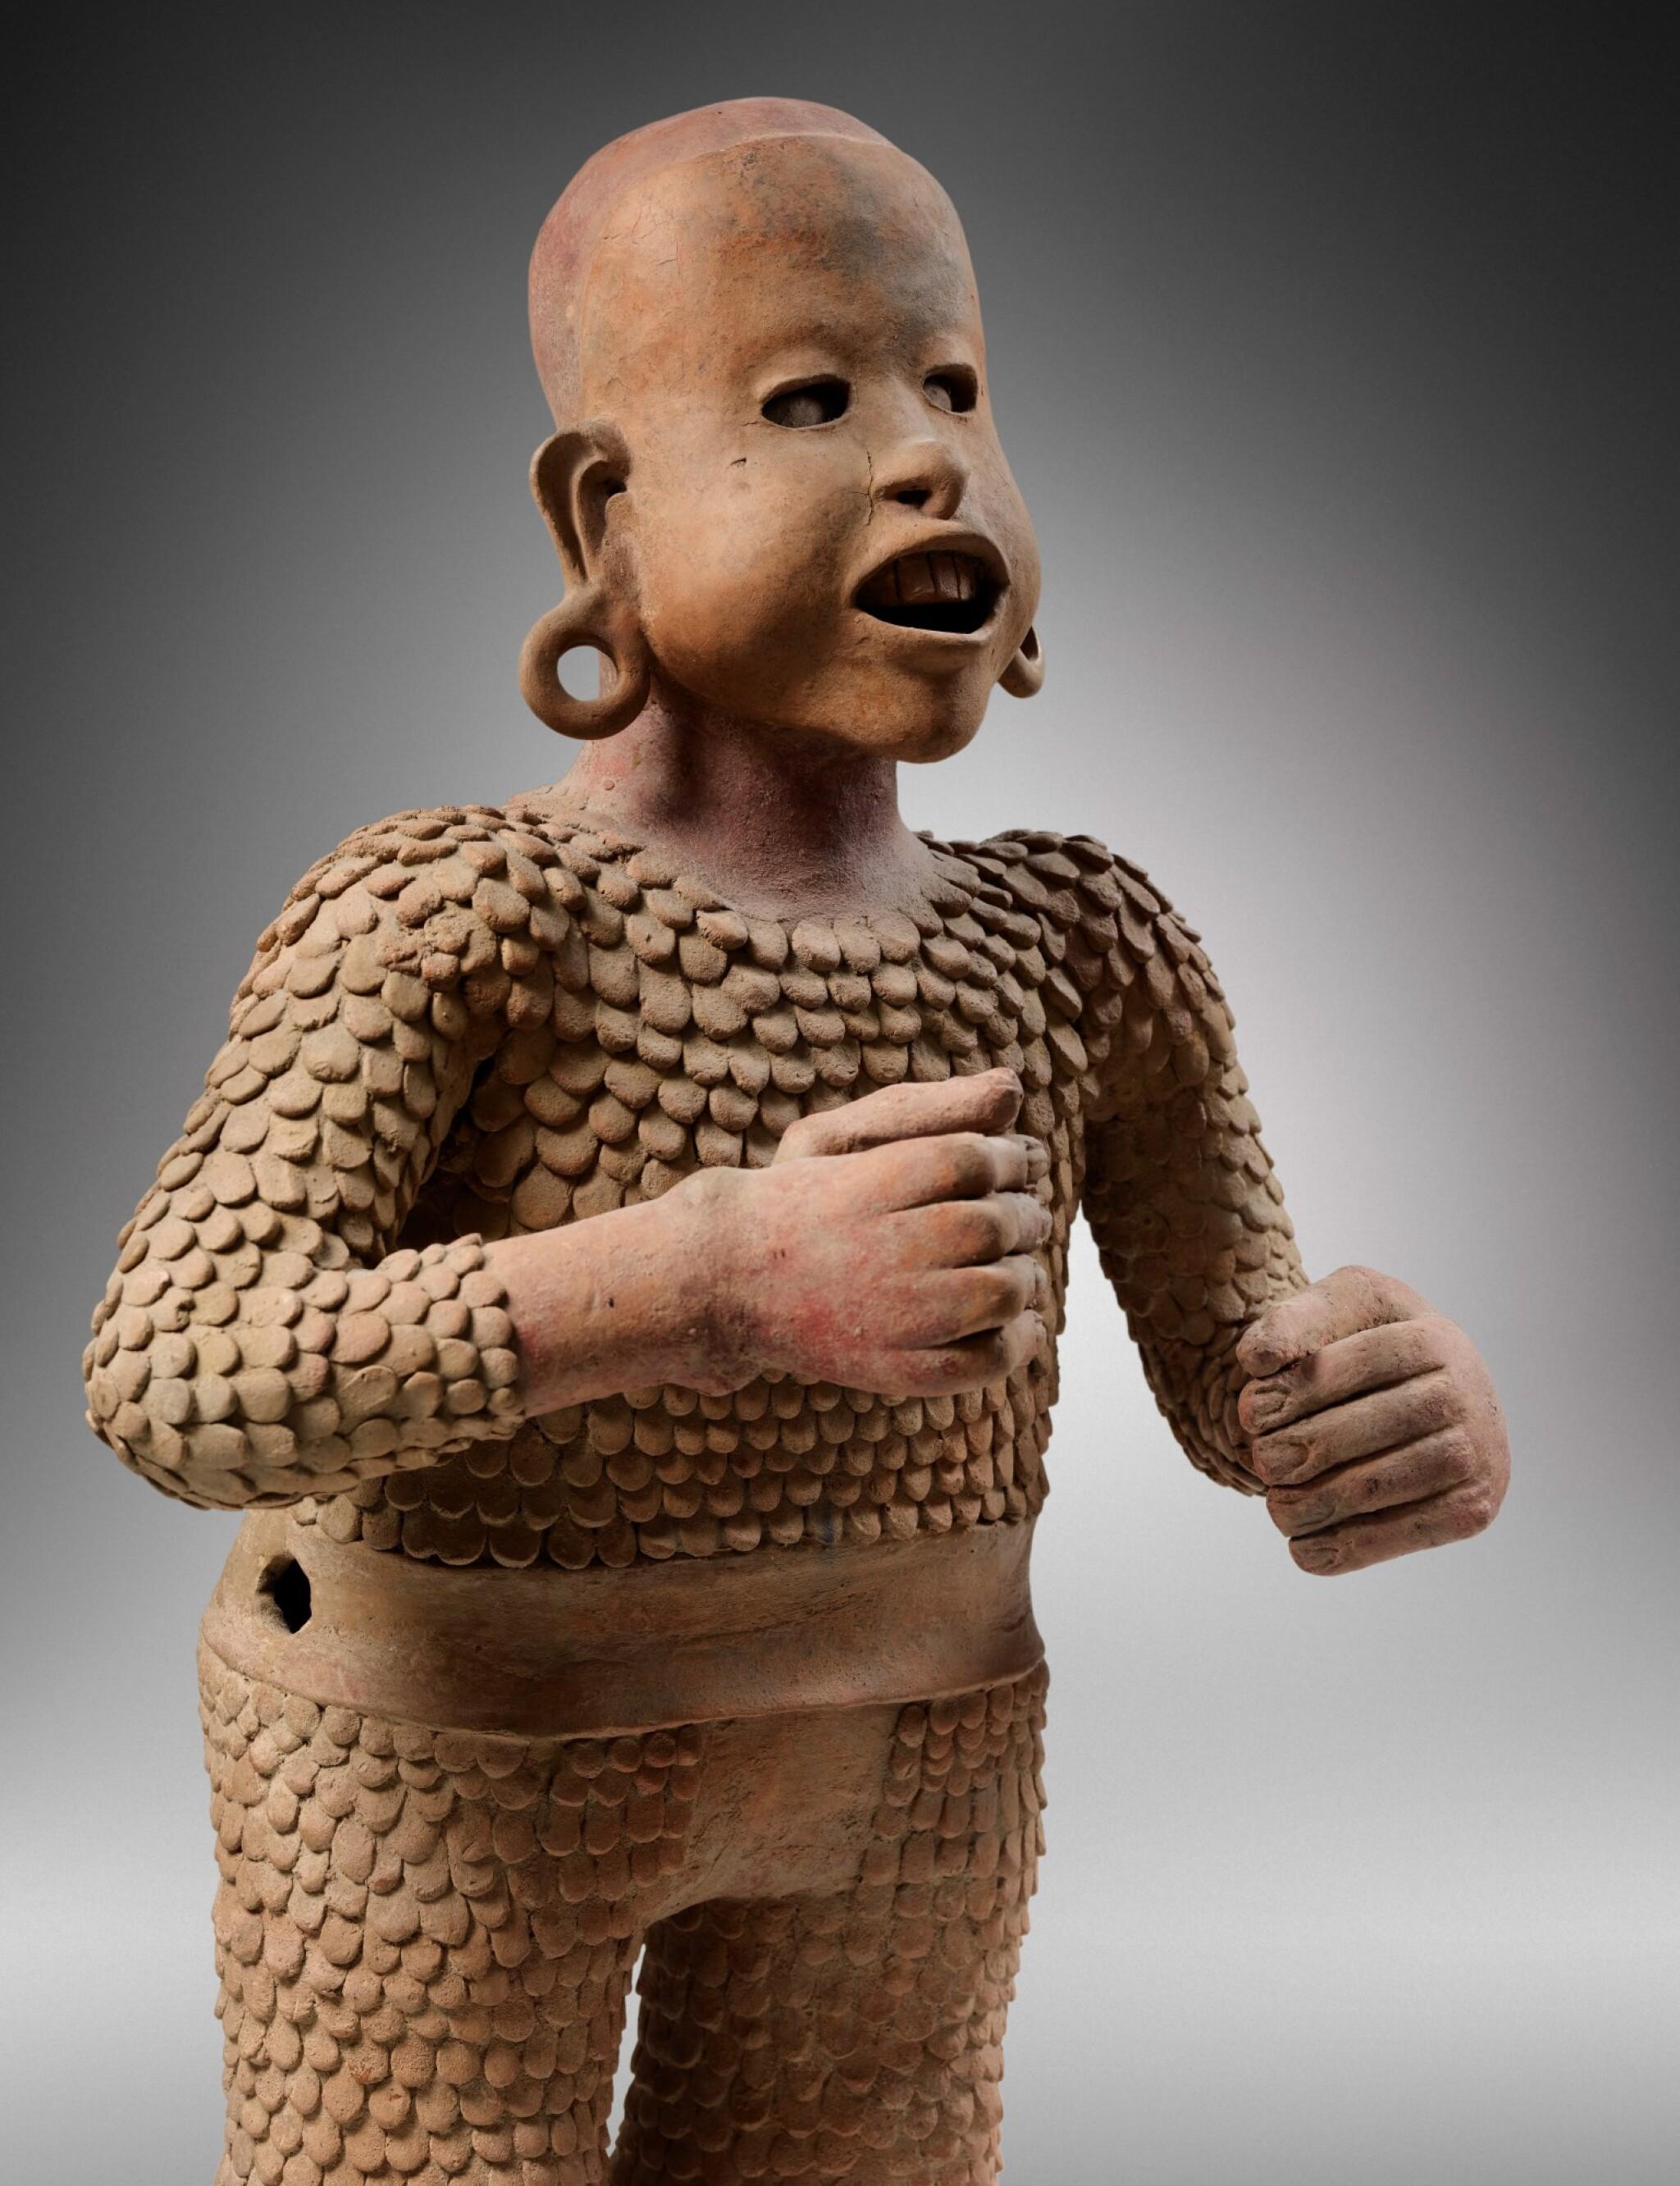 View full screen - View 1 of Lot 4. Statue en terre cuite Xipe Totec, Culture Aztèque, Classique Récent, 1350-1500 AP. J.-C. | Aztec Ceramic Standing figure of Xipe Totec, Postclassic, 1350-1500 AD.